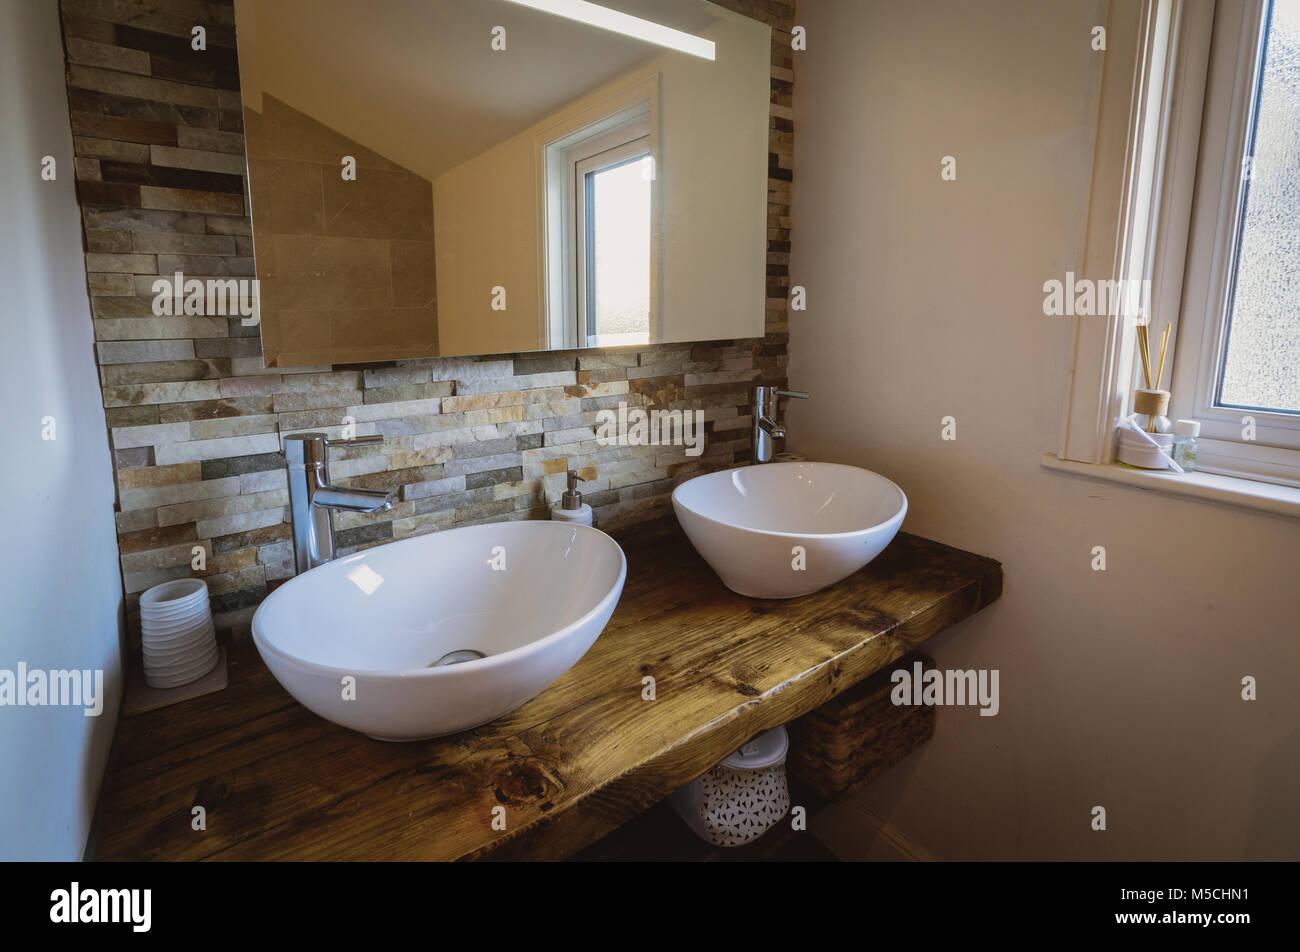 Waschbecken In Rustikal Aber Moderne Badezimmer Stockfoto Bild